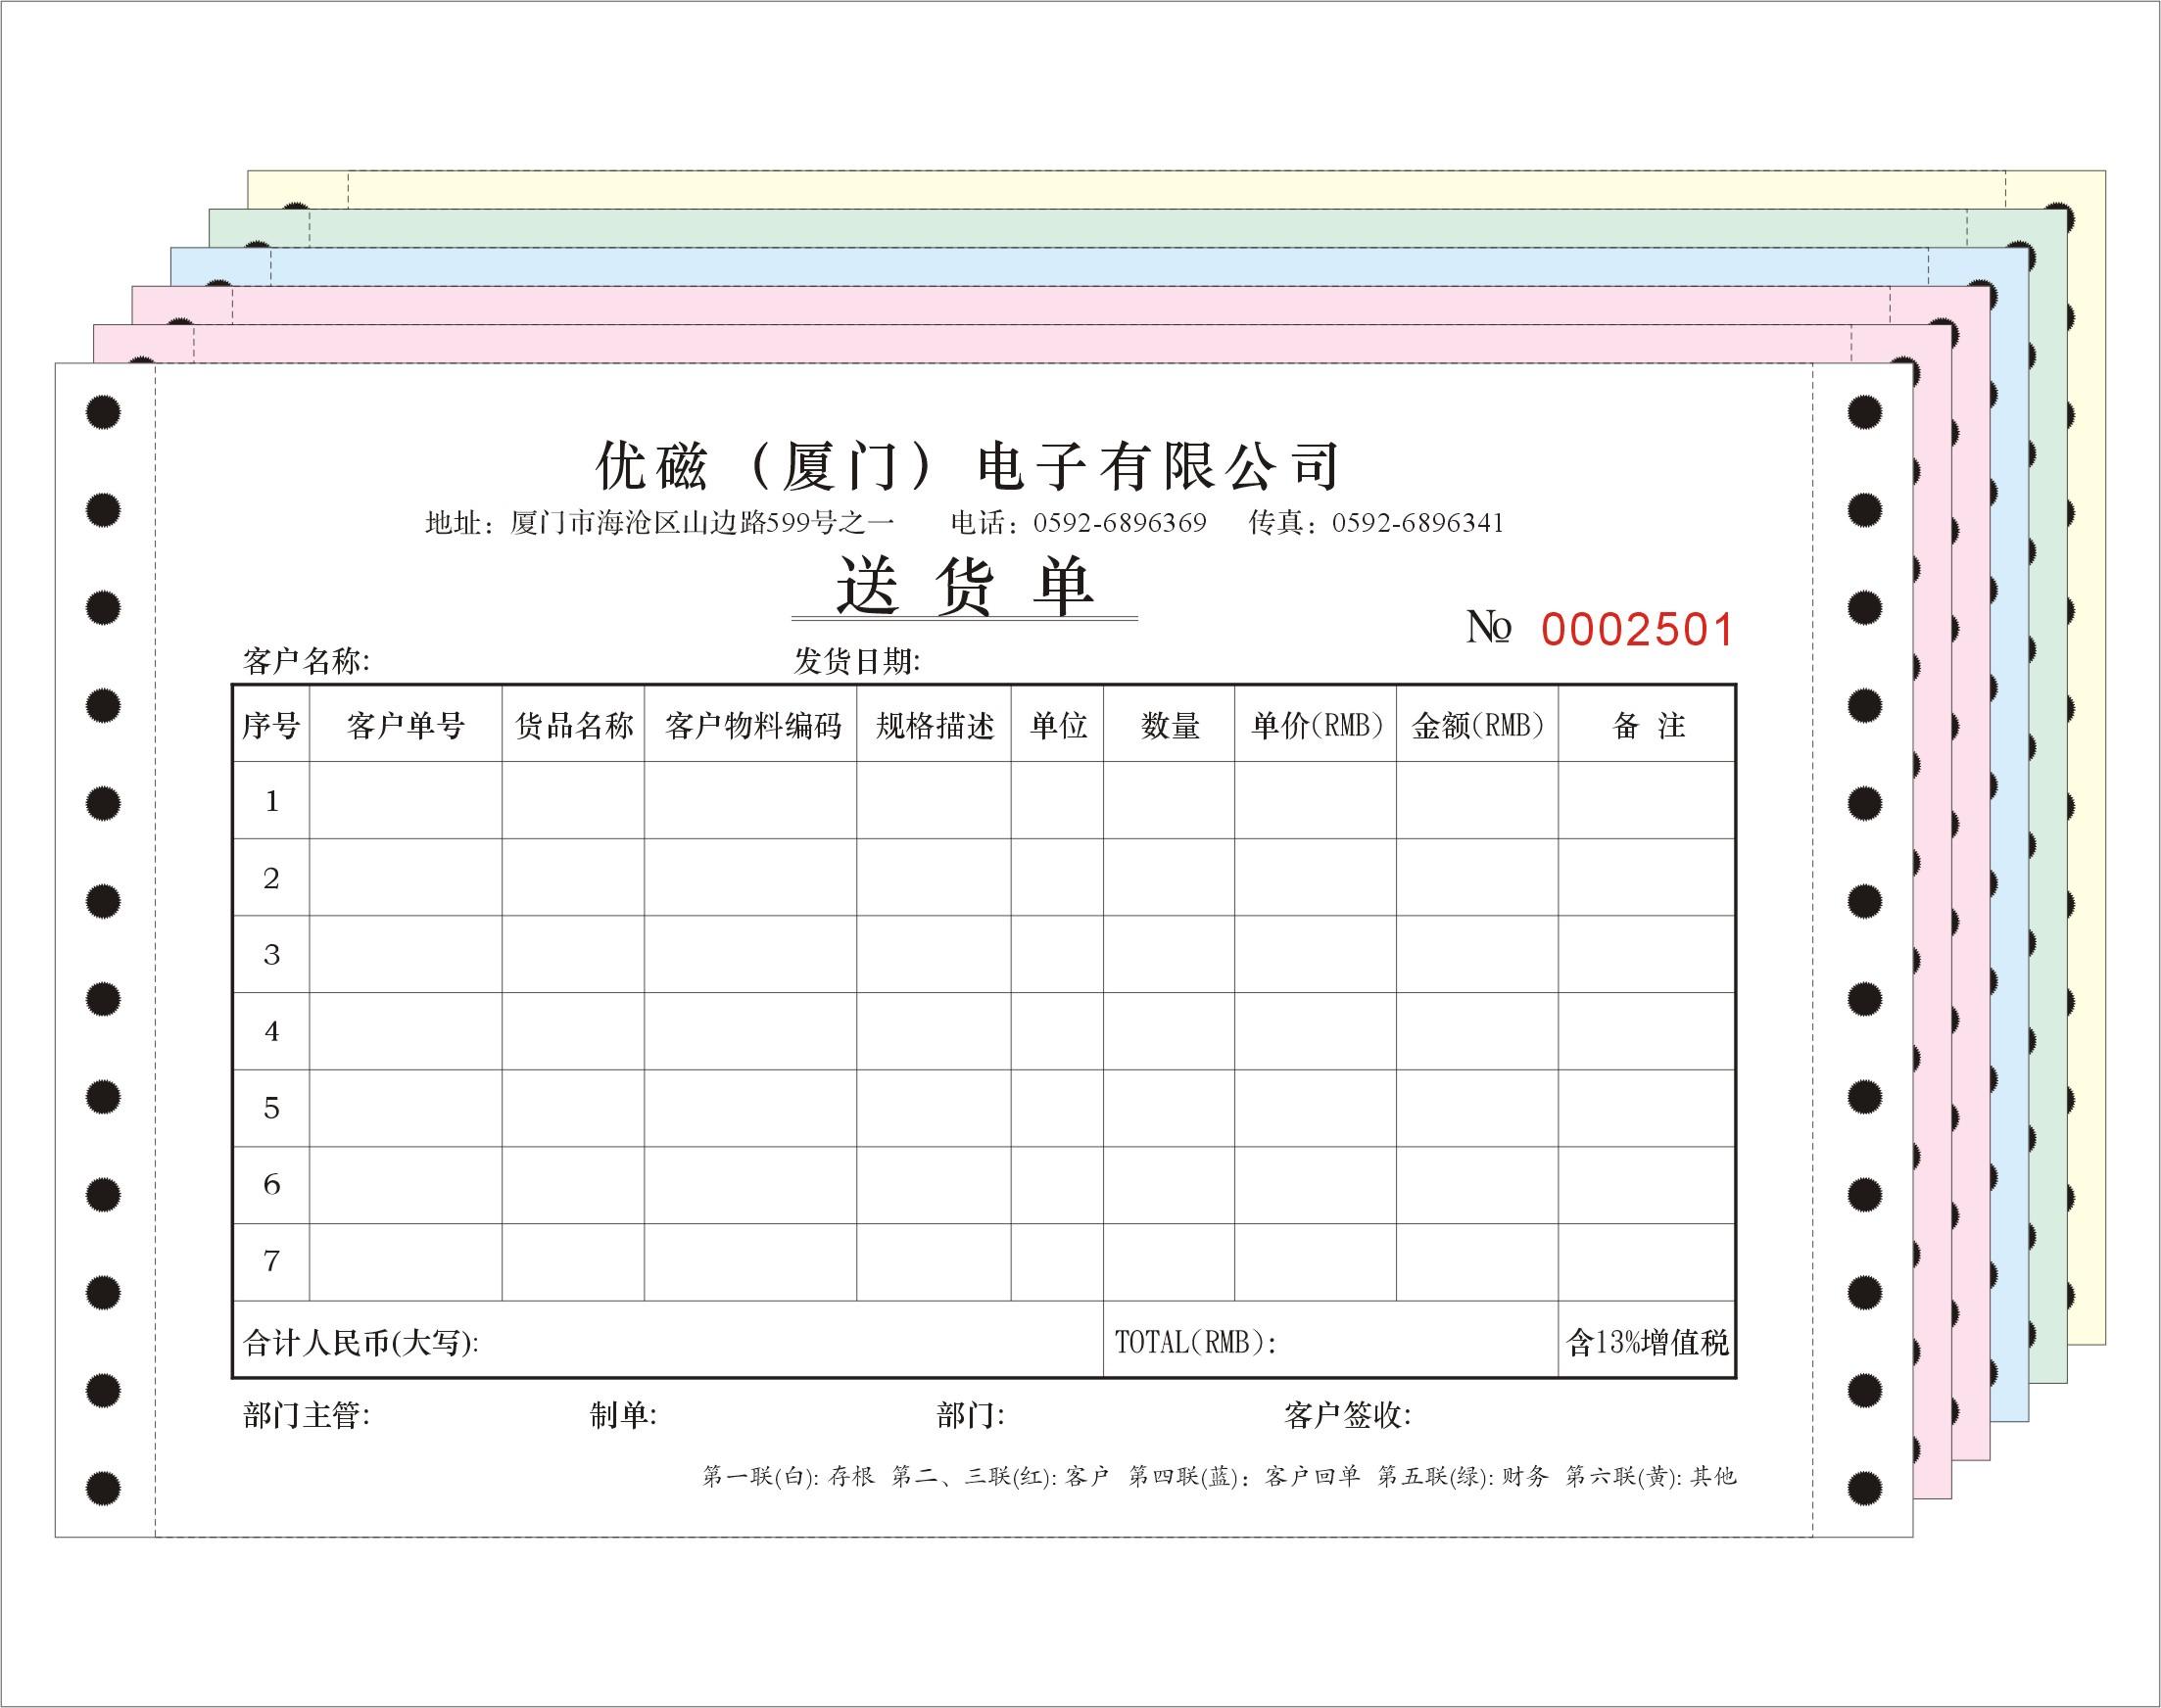 6联电脑票据压感打印联单带孔联单连续打印纸联单票据定制印刷